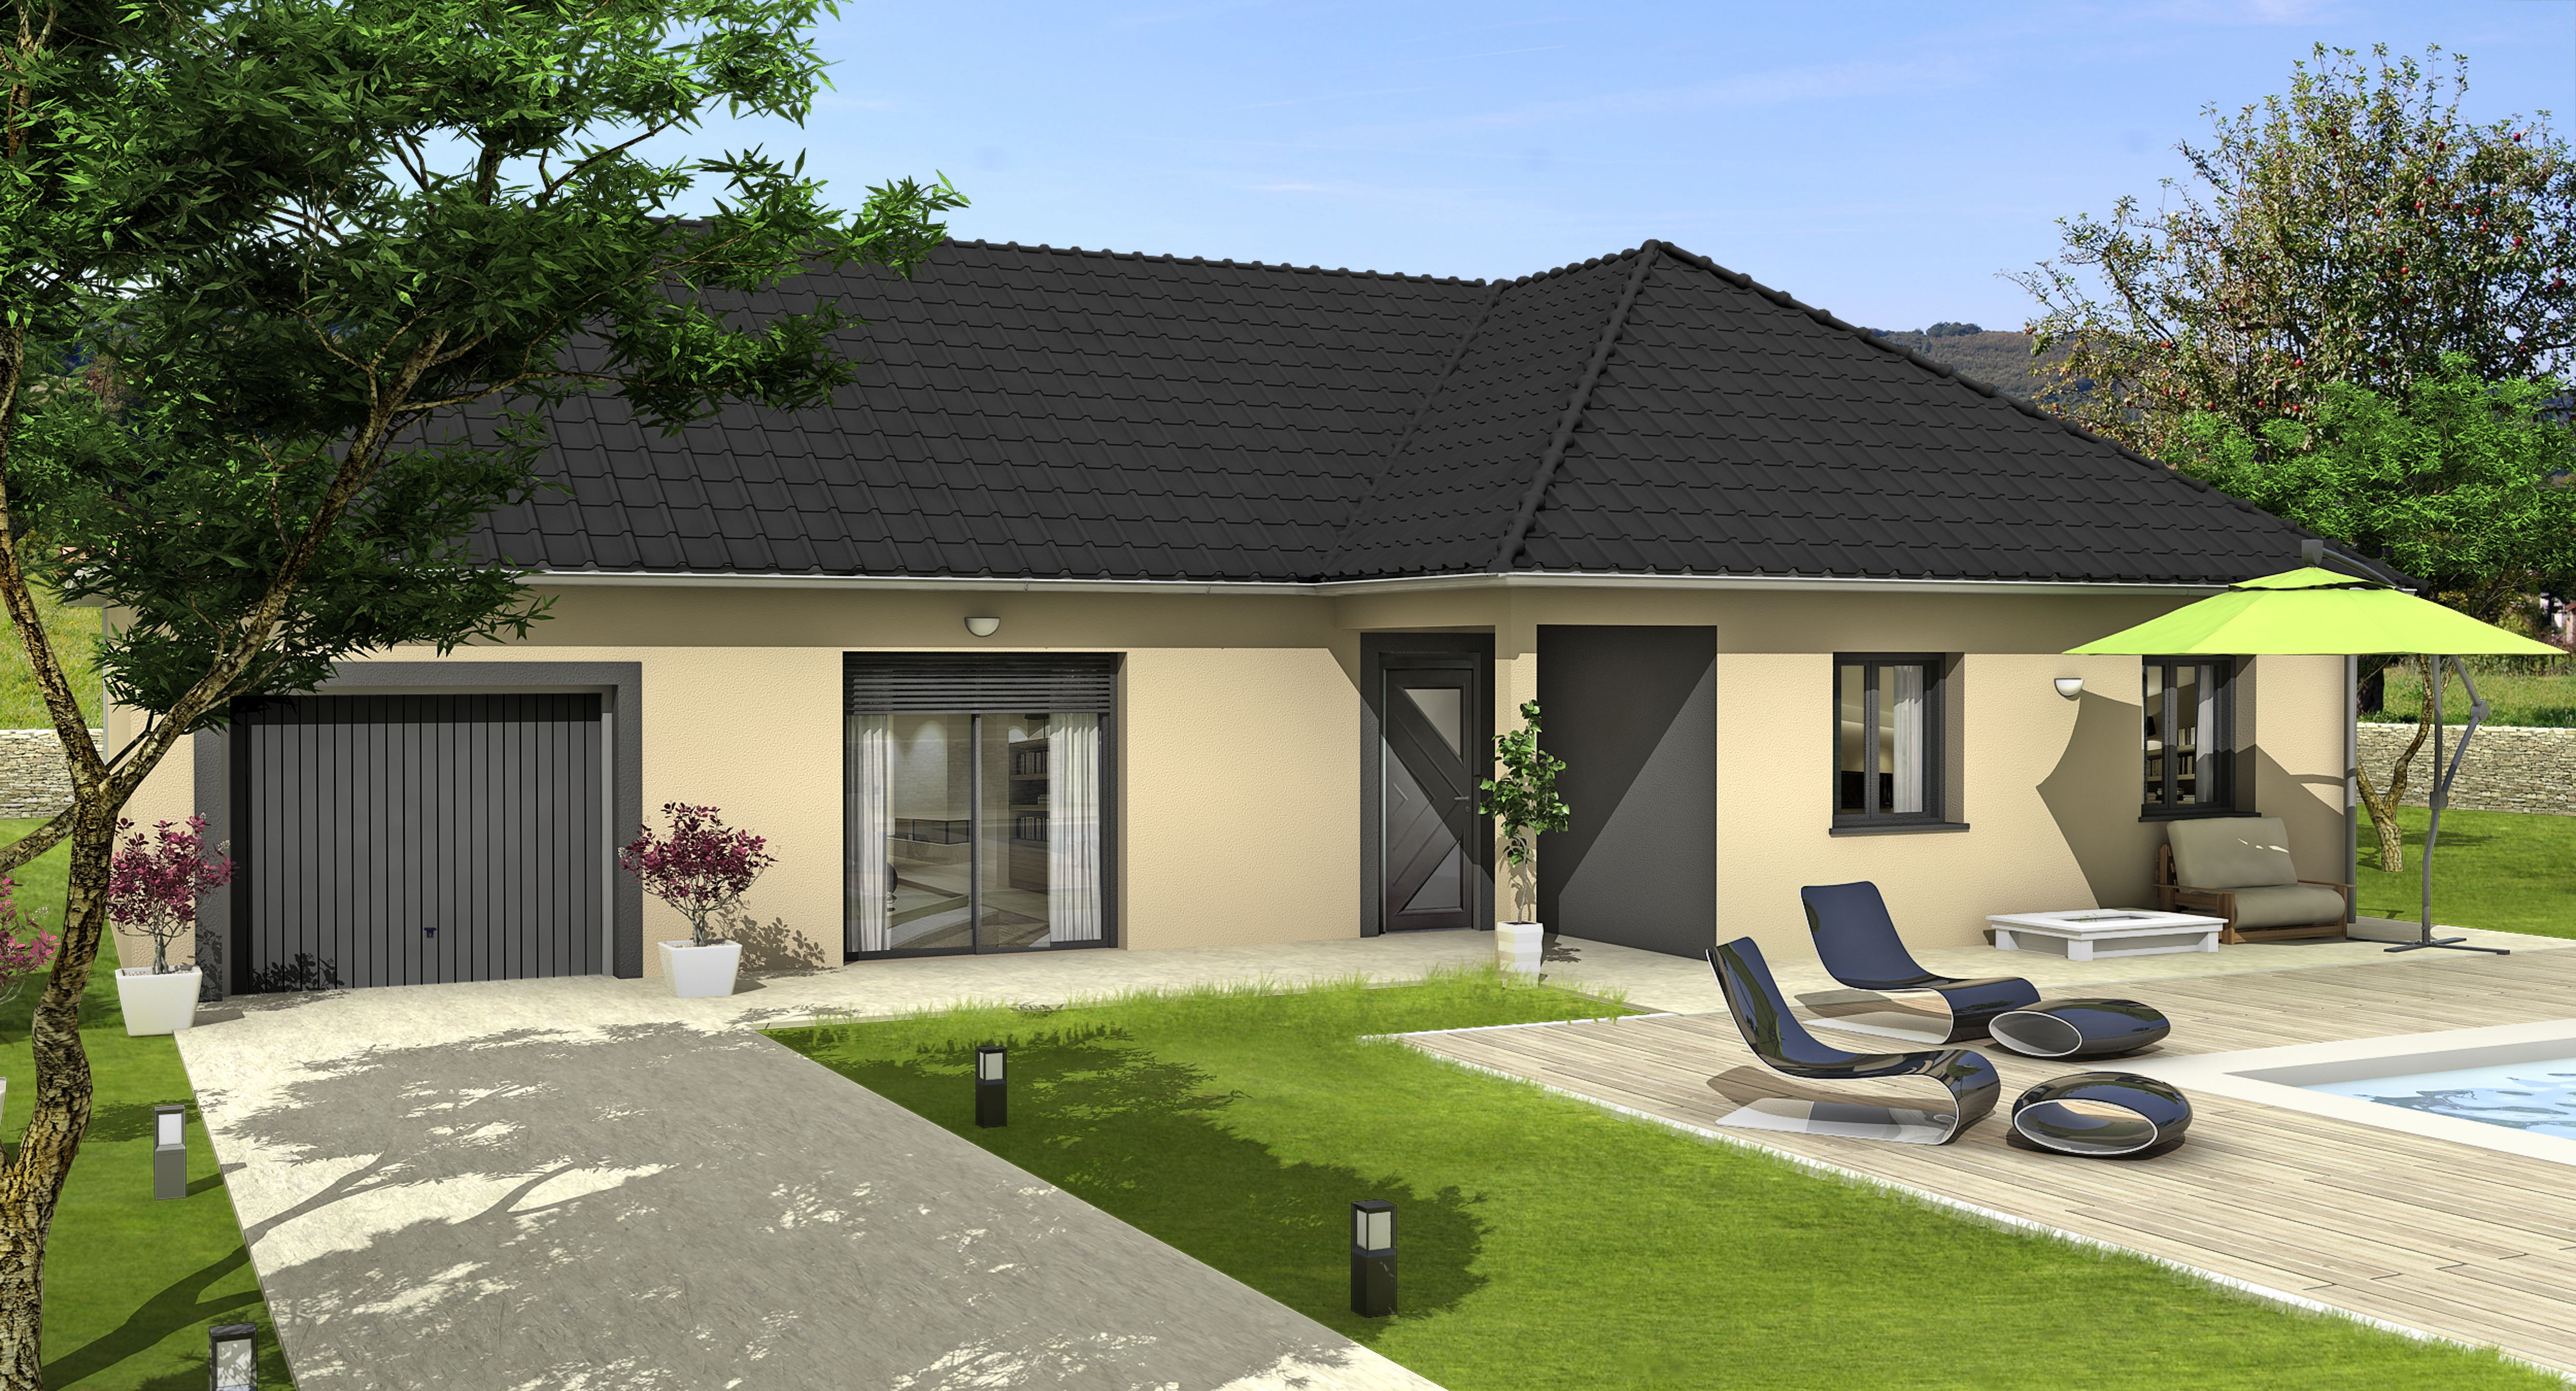 Annonce vente maison sept saulx 51400 100 m 197 618 for Aide construction maison